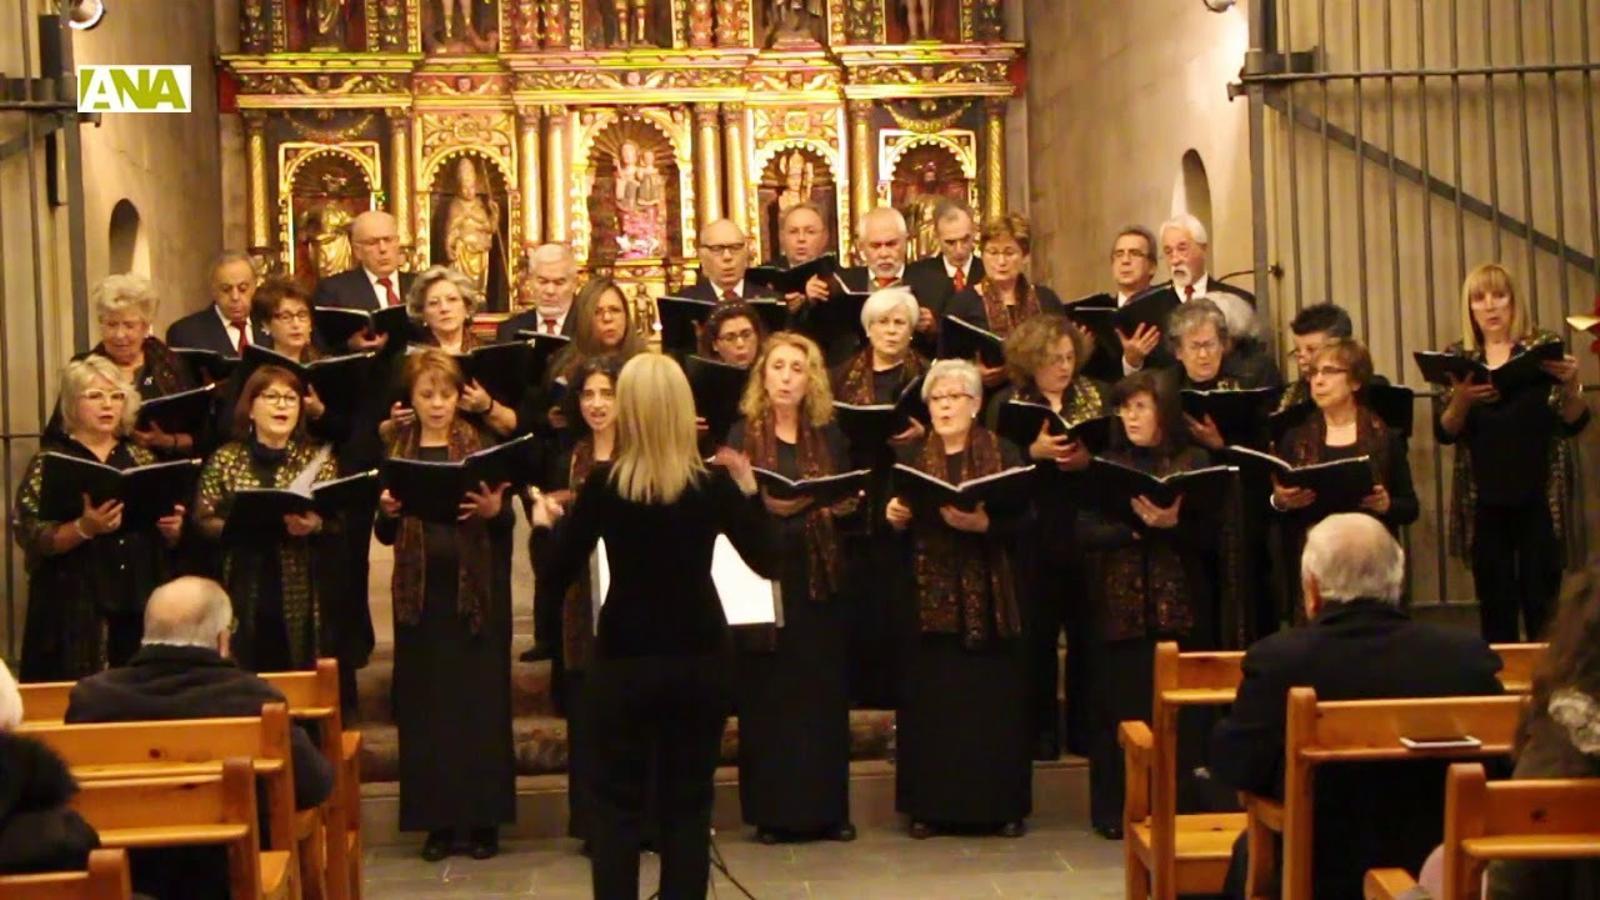 Petit resum del concert de Nadal de la Coral Casamanya i l'Orfeó Andorrà a Ordino